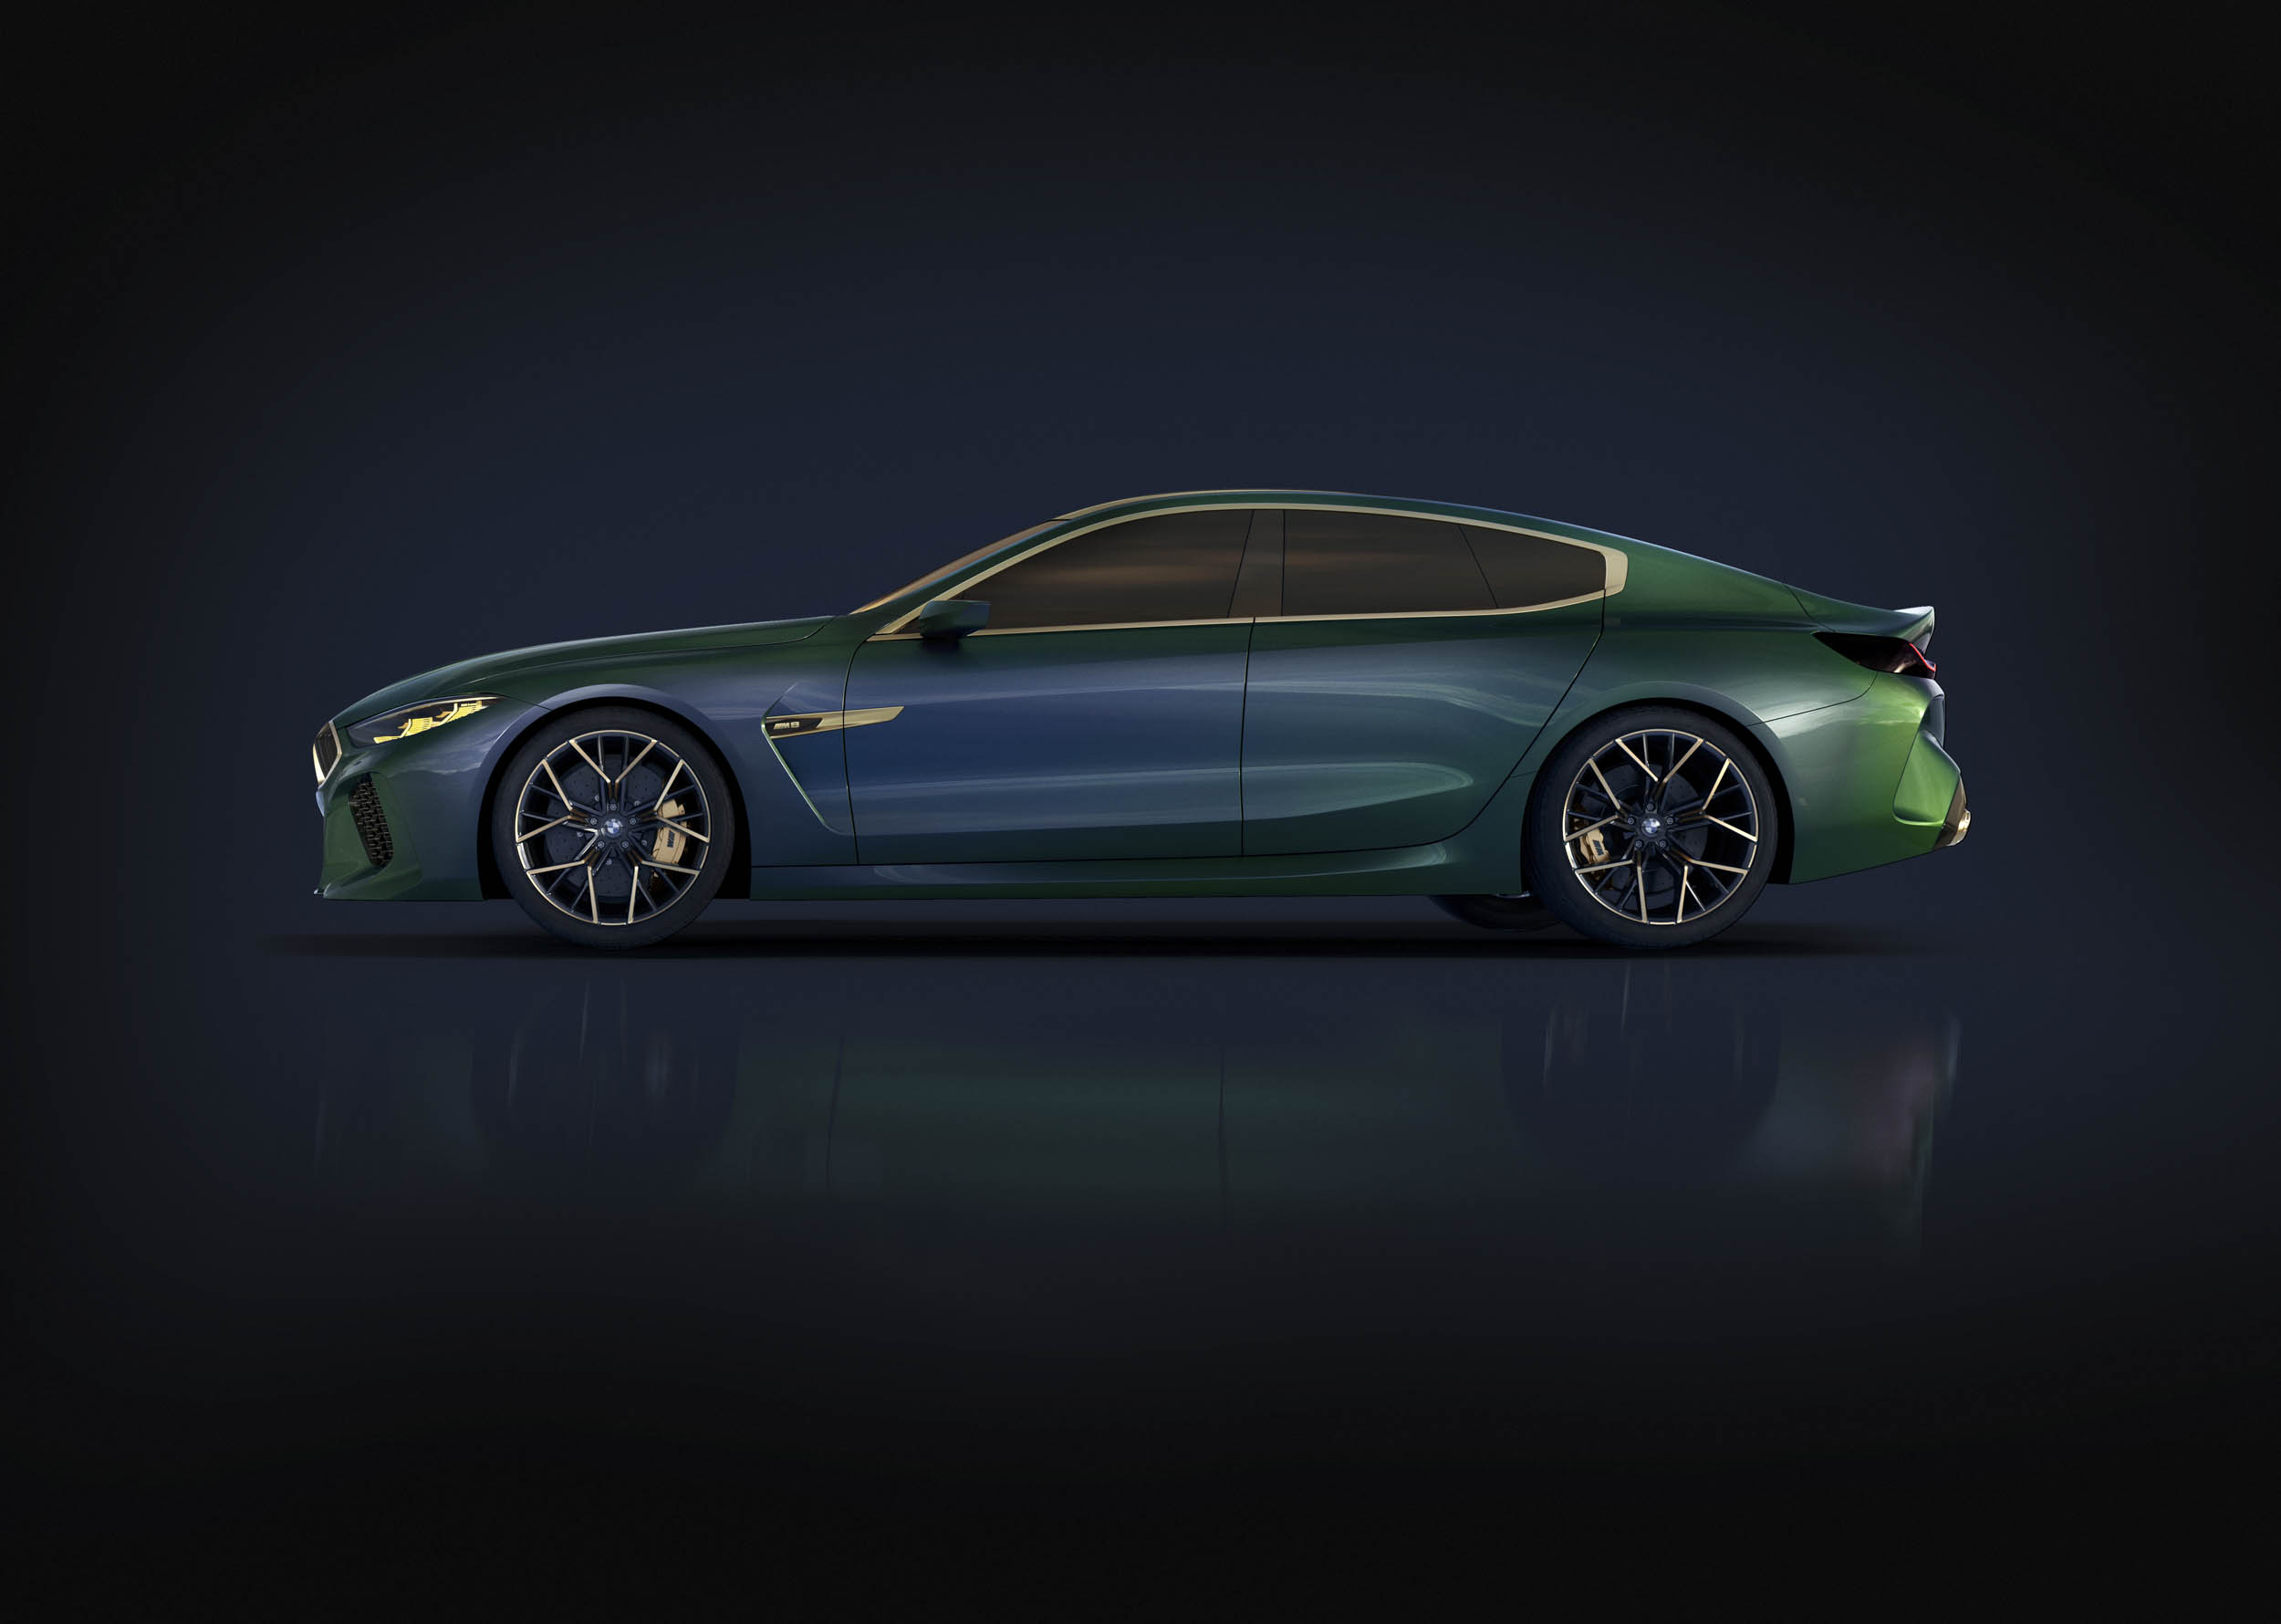 BMW M8 Gran Coupe profile